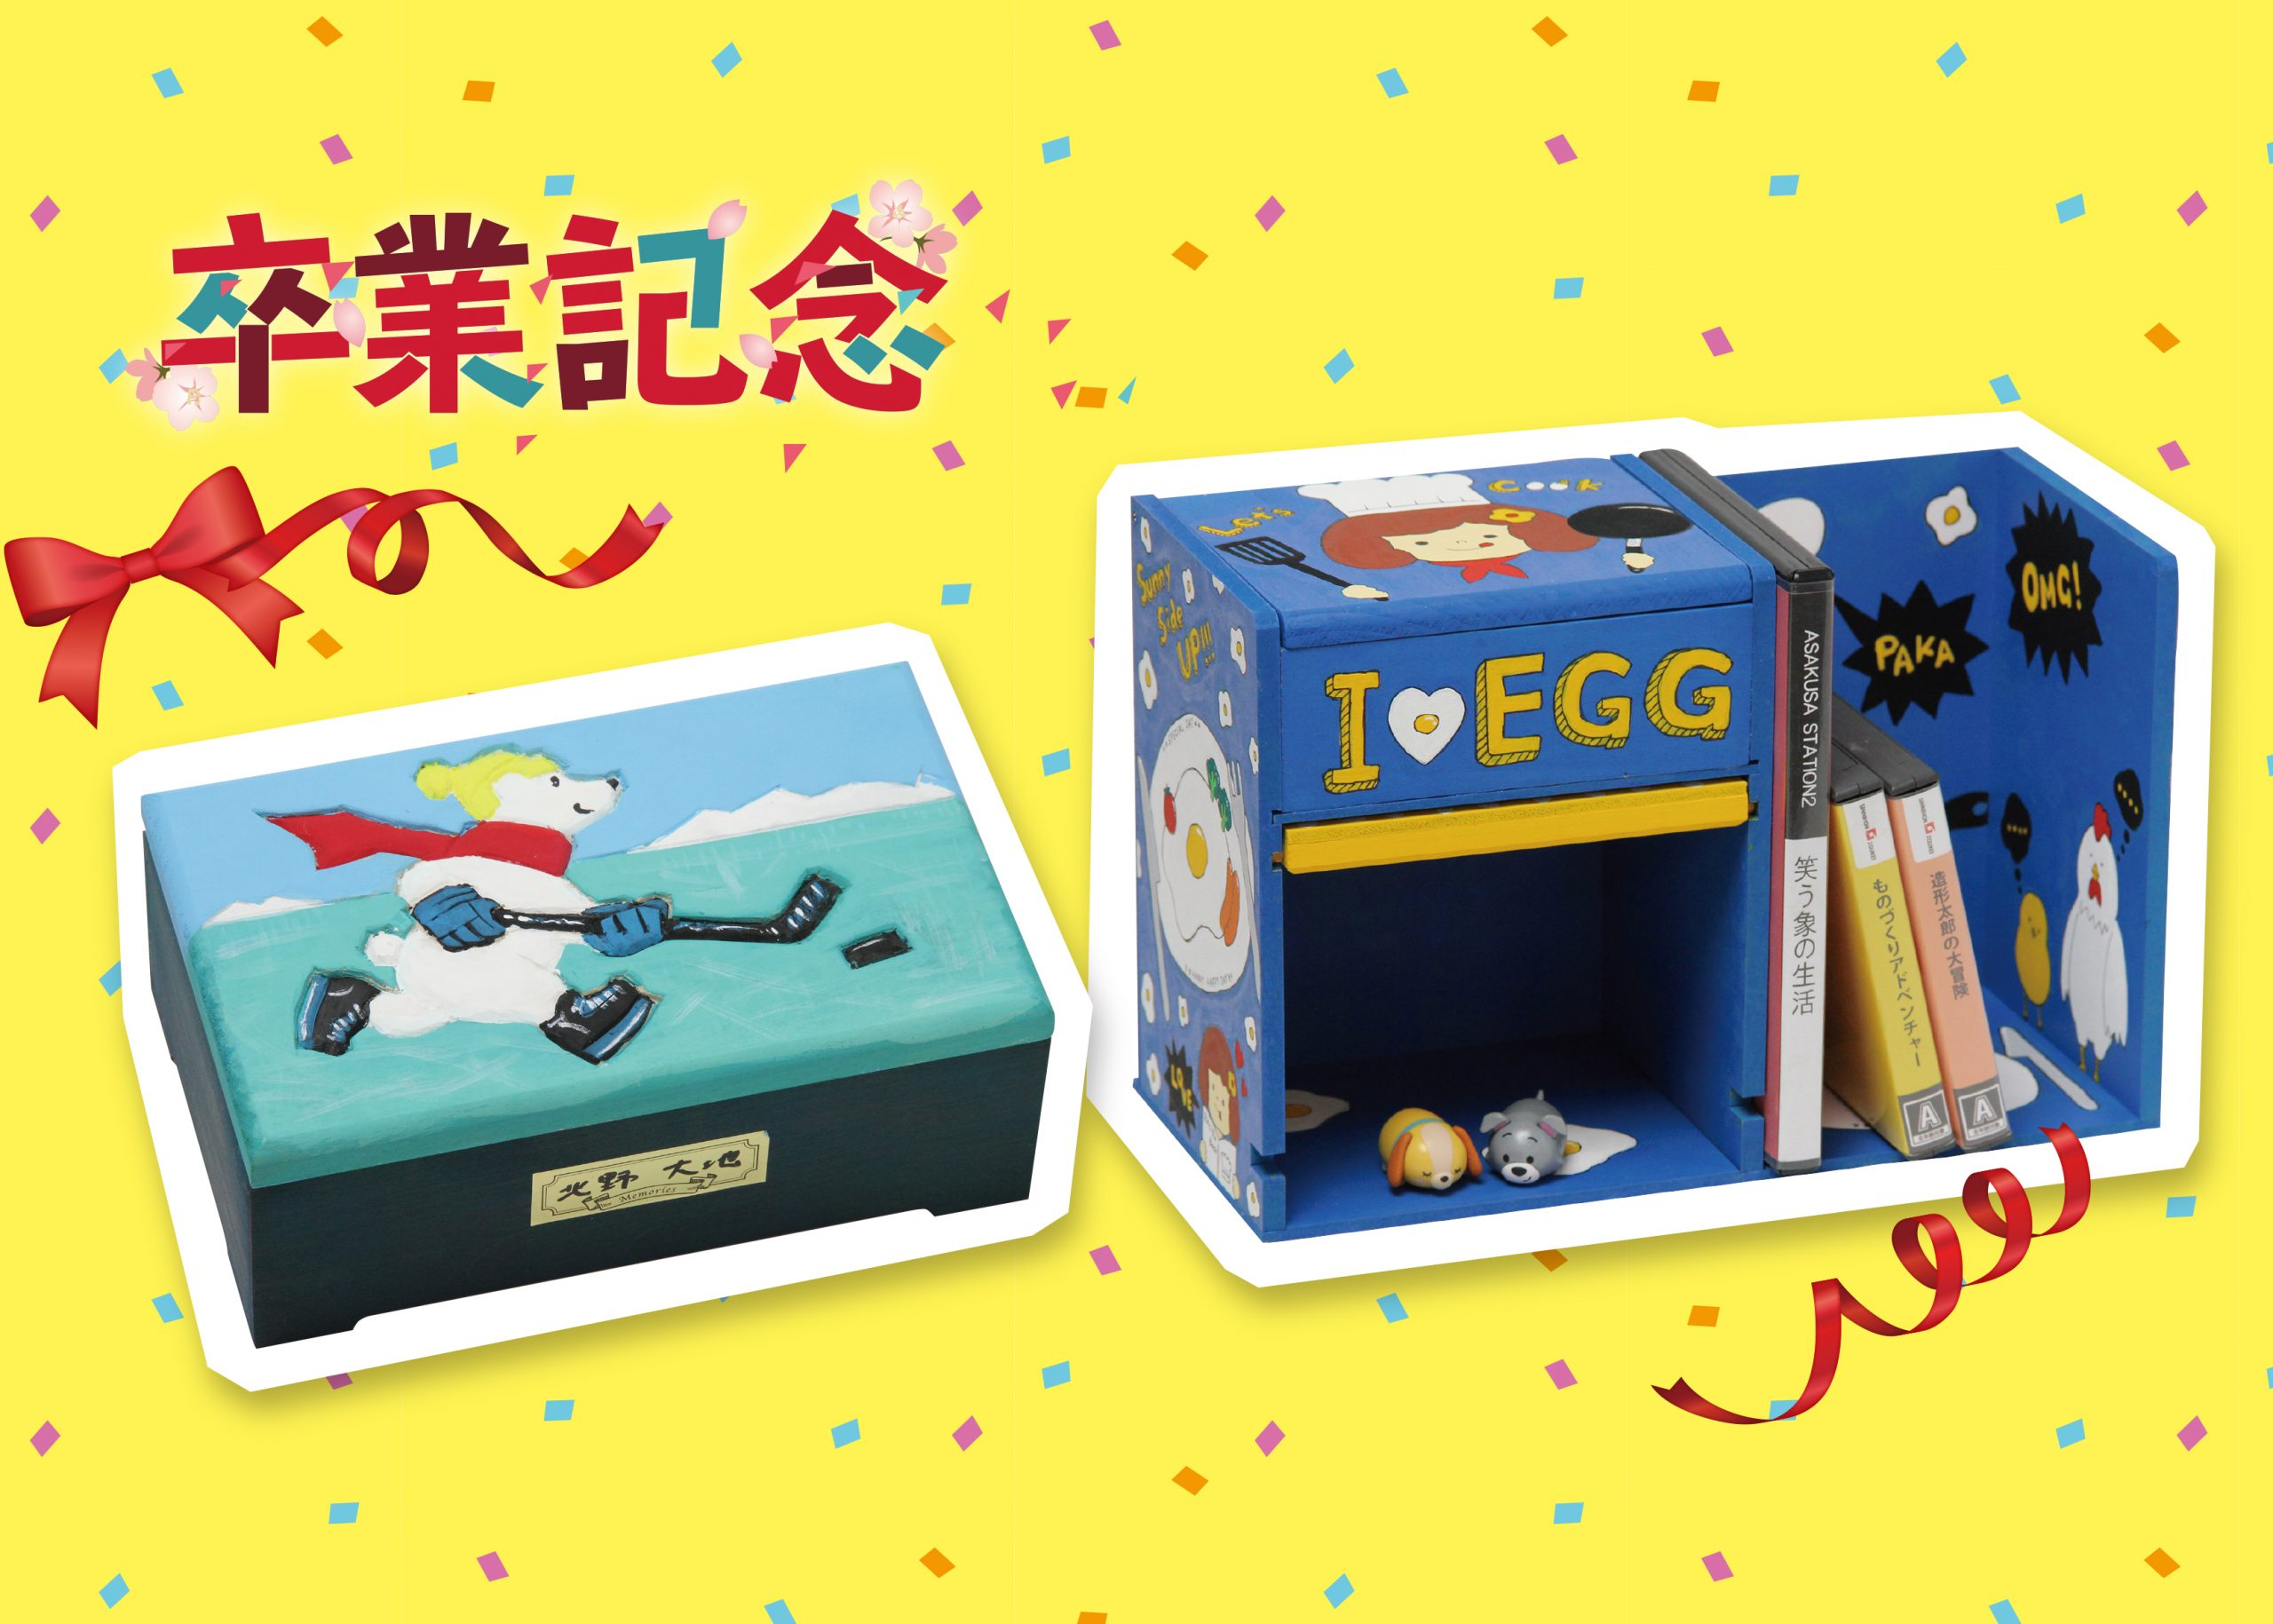 ★卒業記念★オルゴール箱・ラックをつくろう!のメイン画像